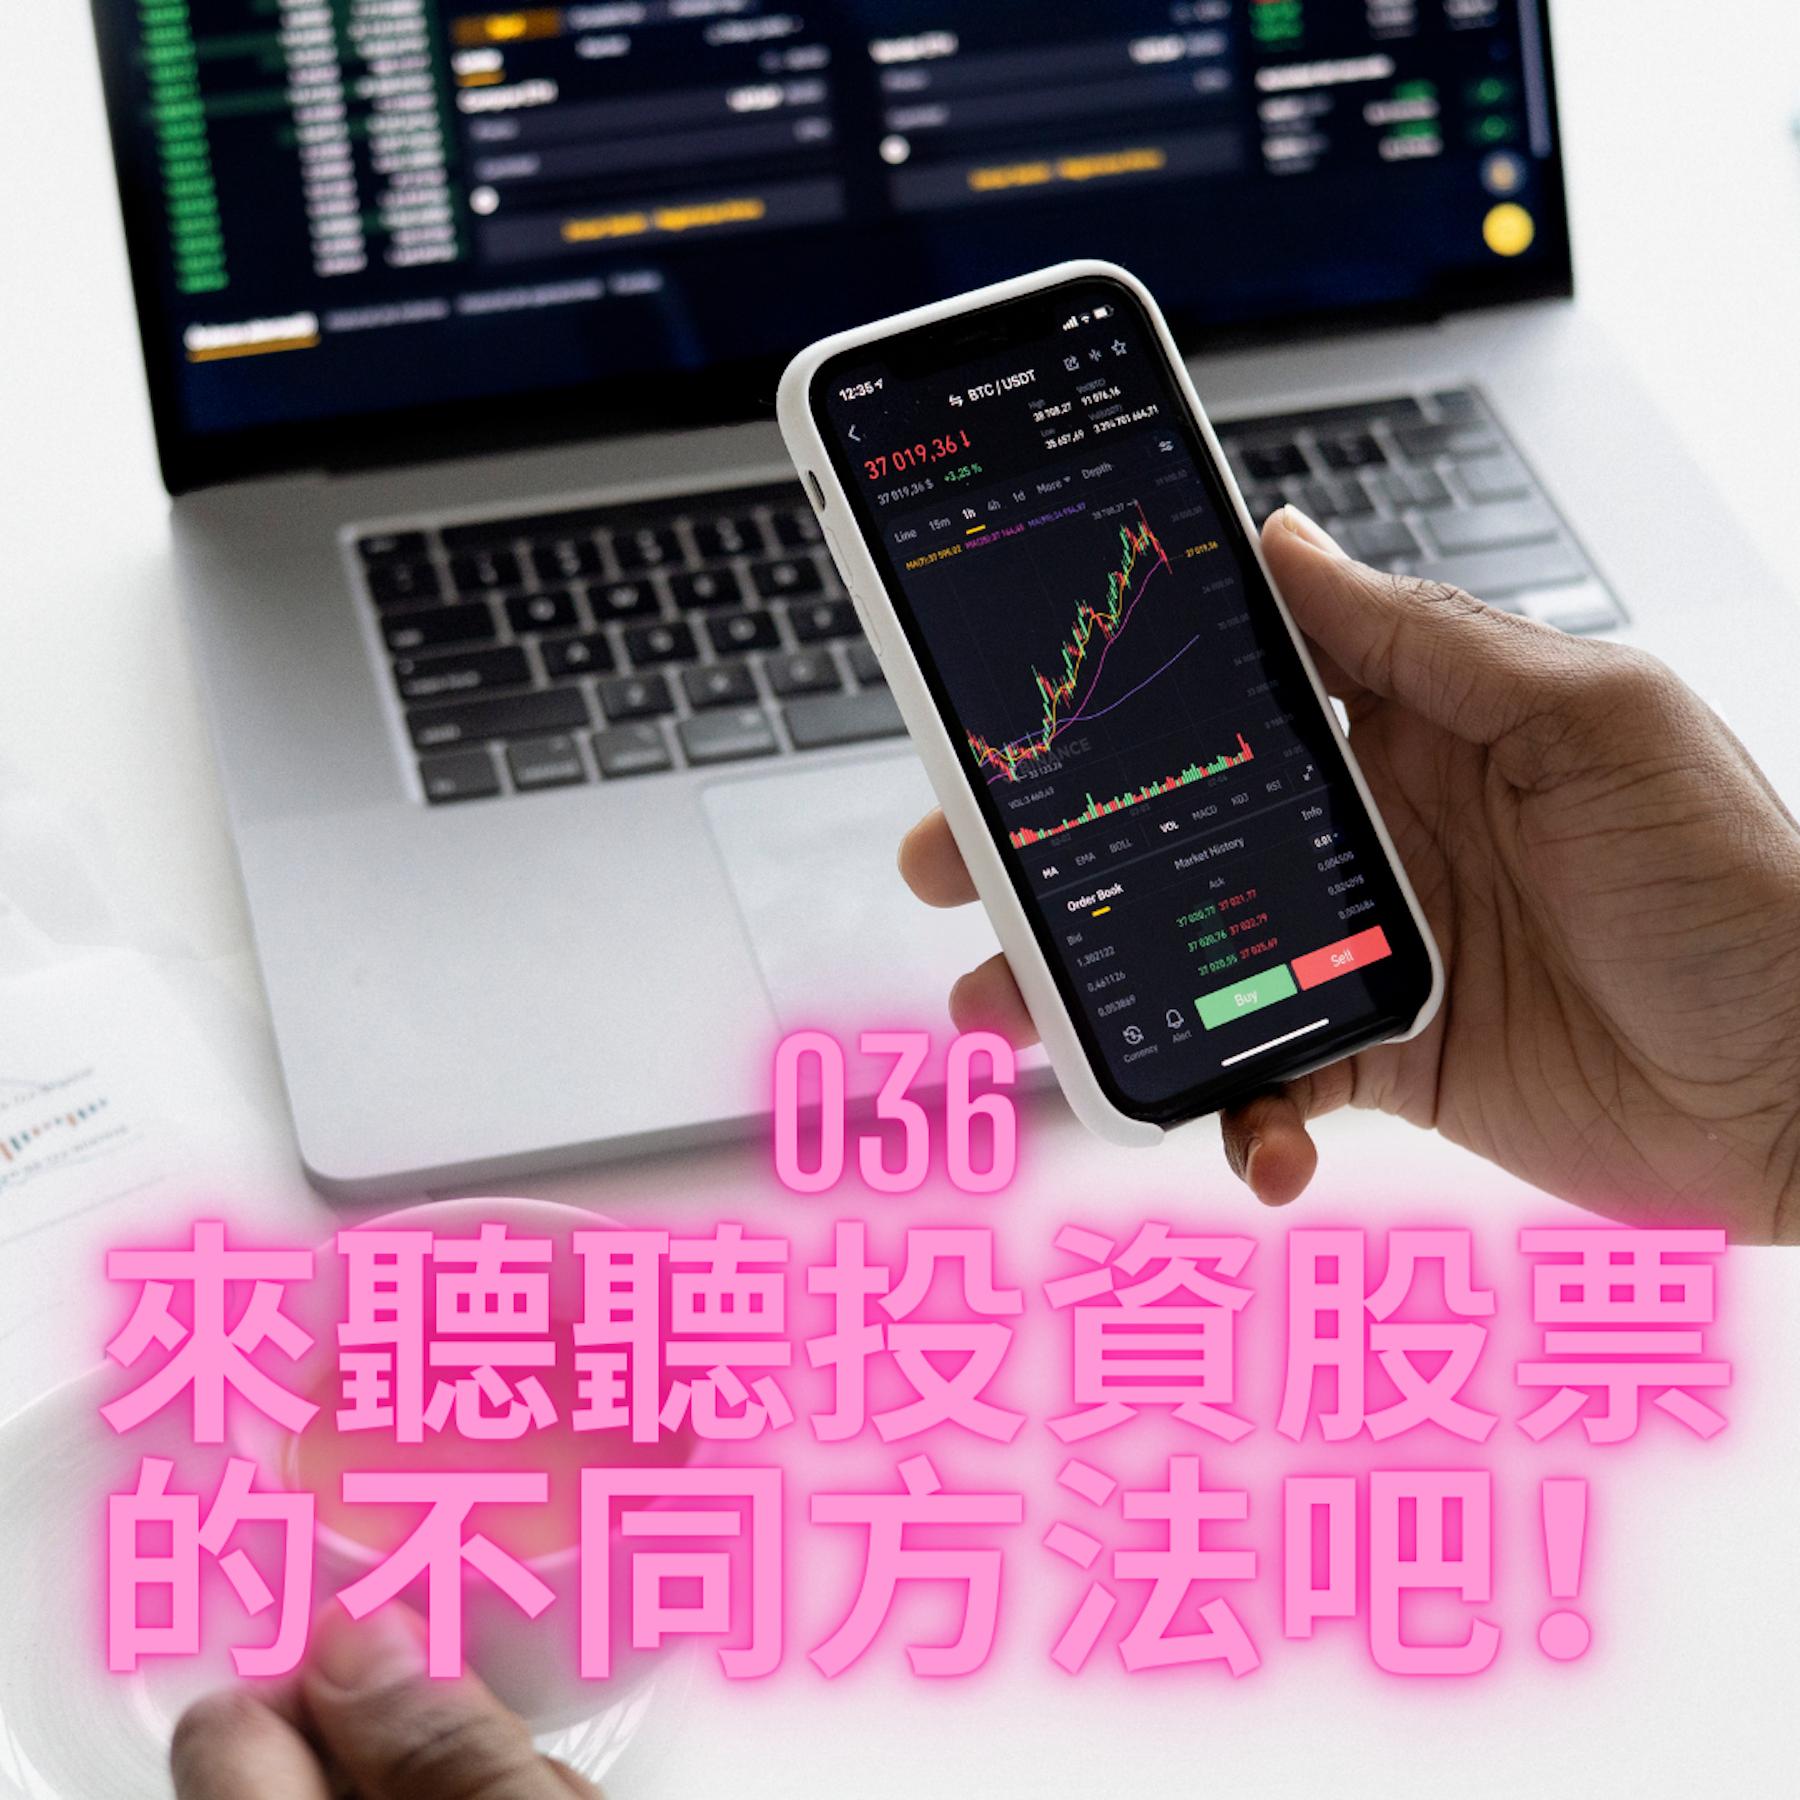 036 來聽聽投資股票的不同方法吧!